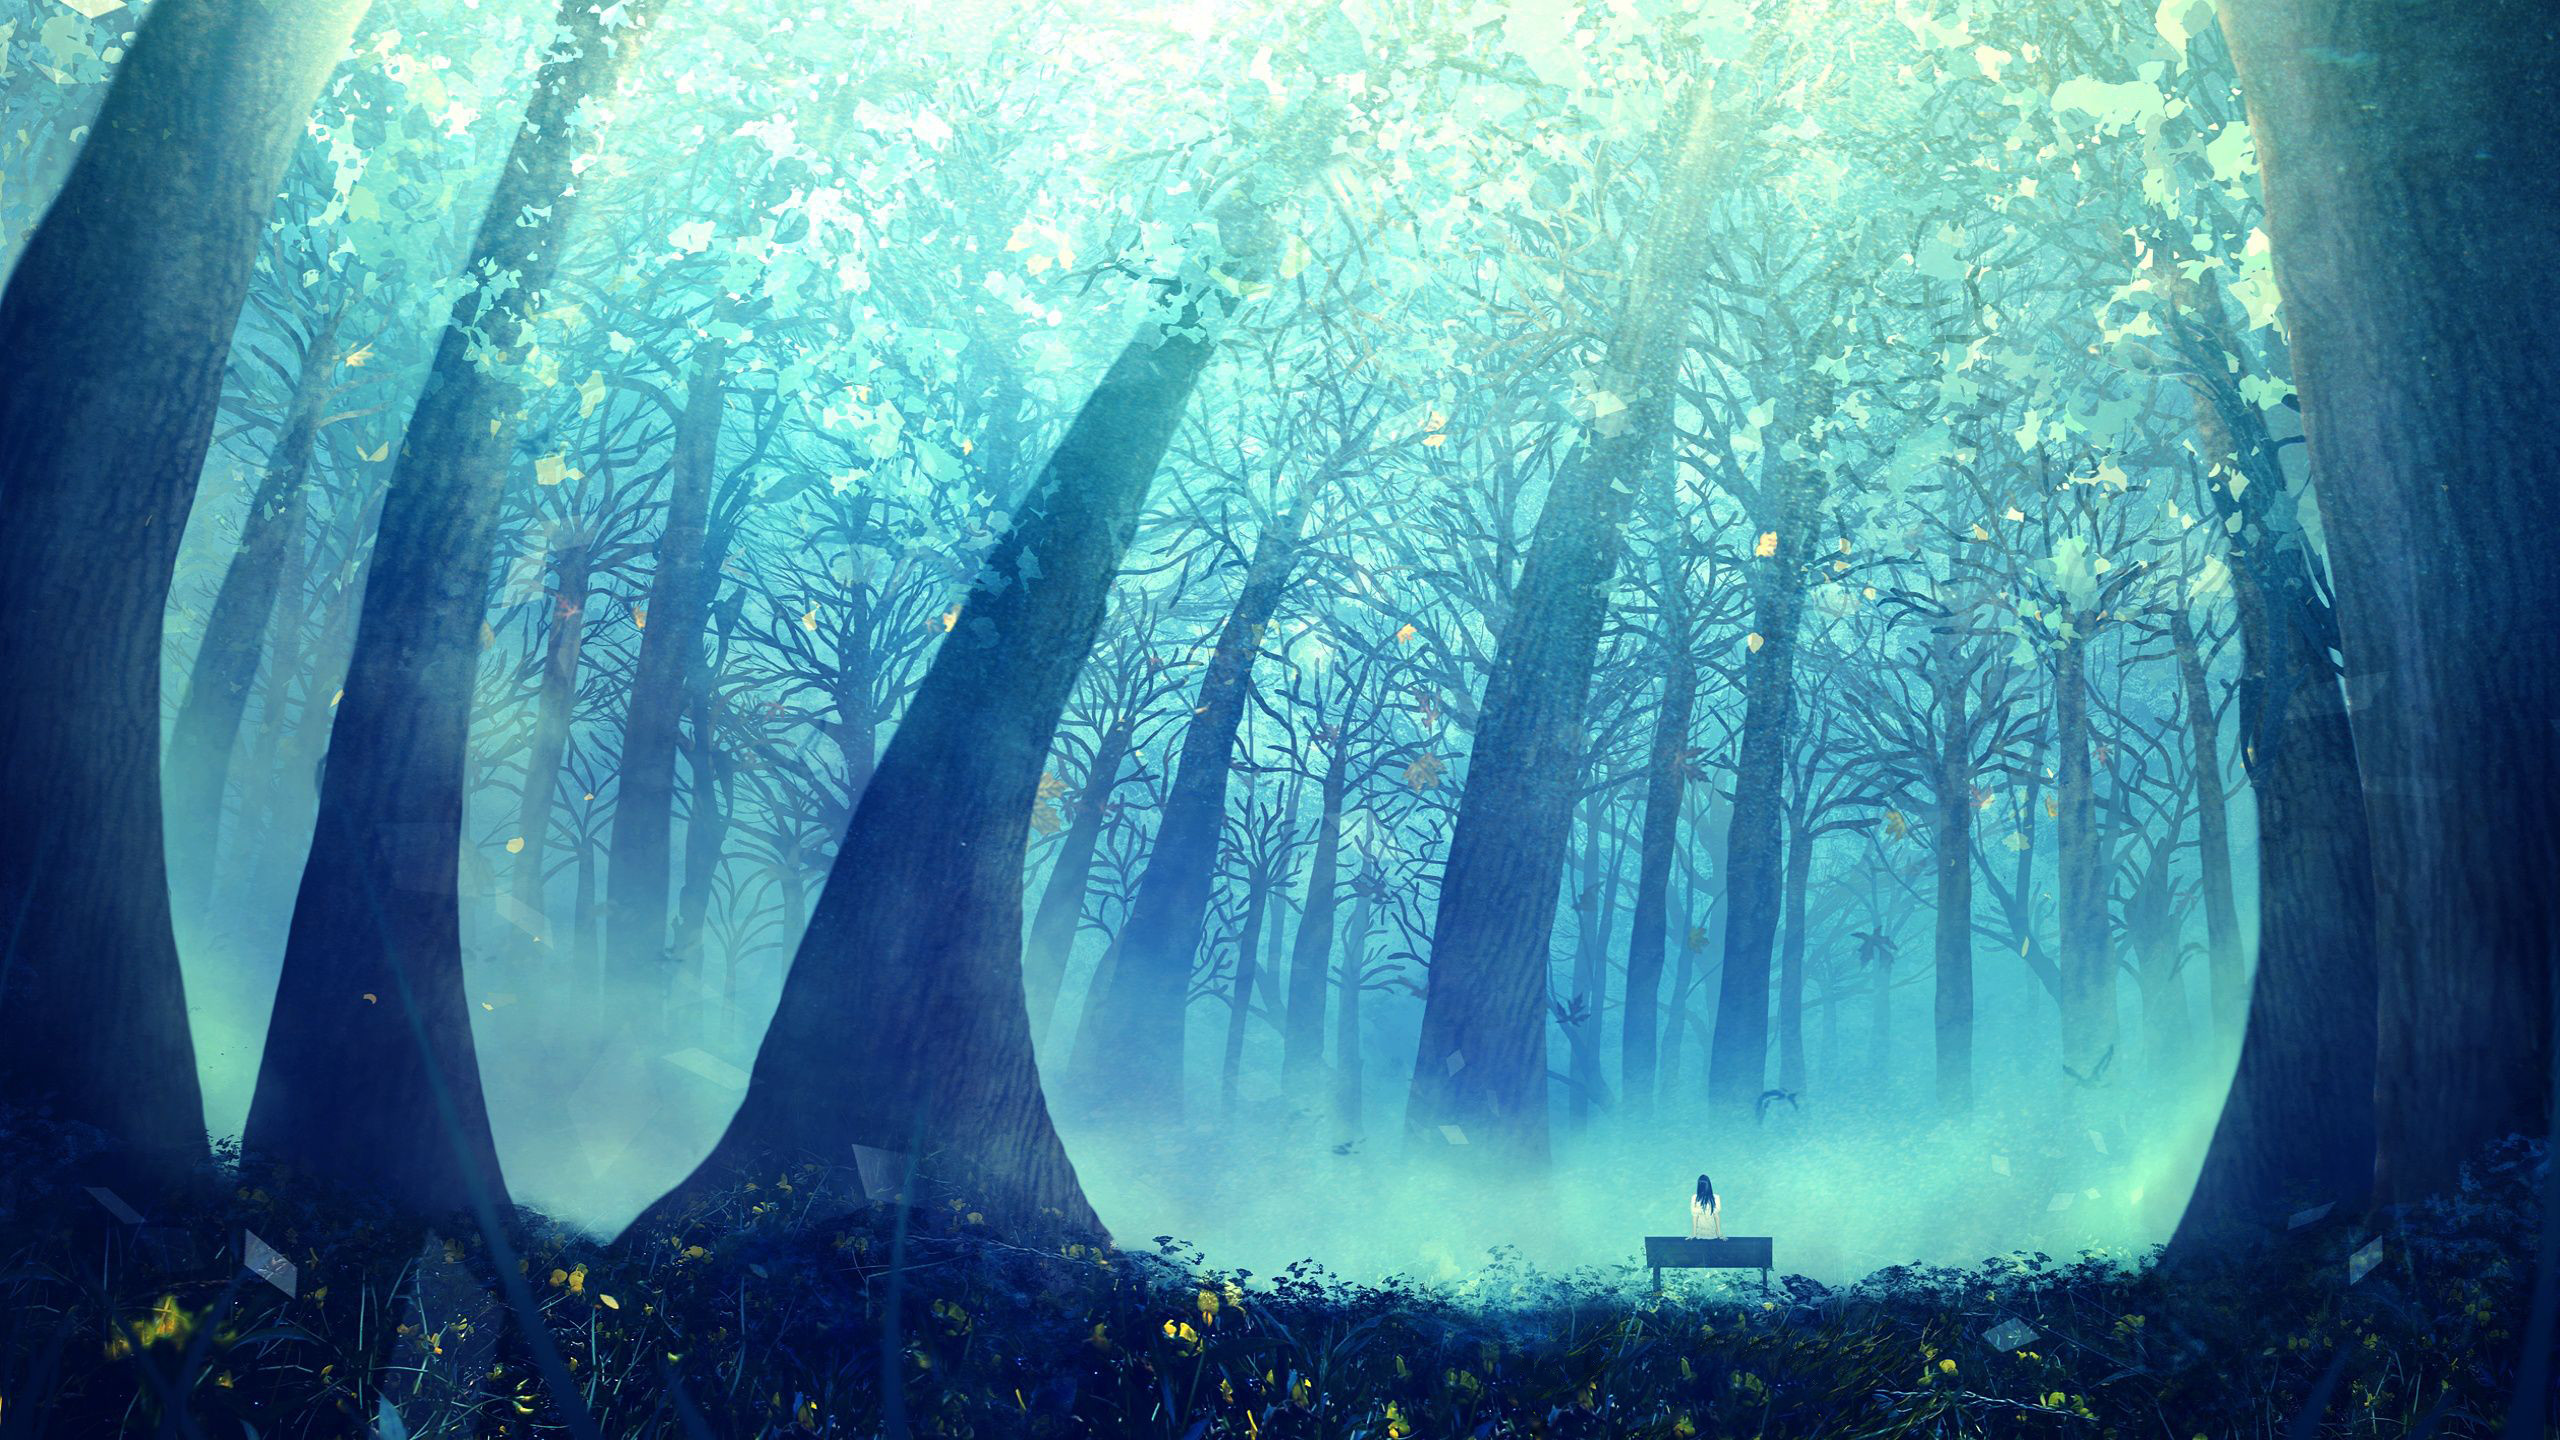 Deep Blue Forest wallpaper